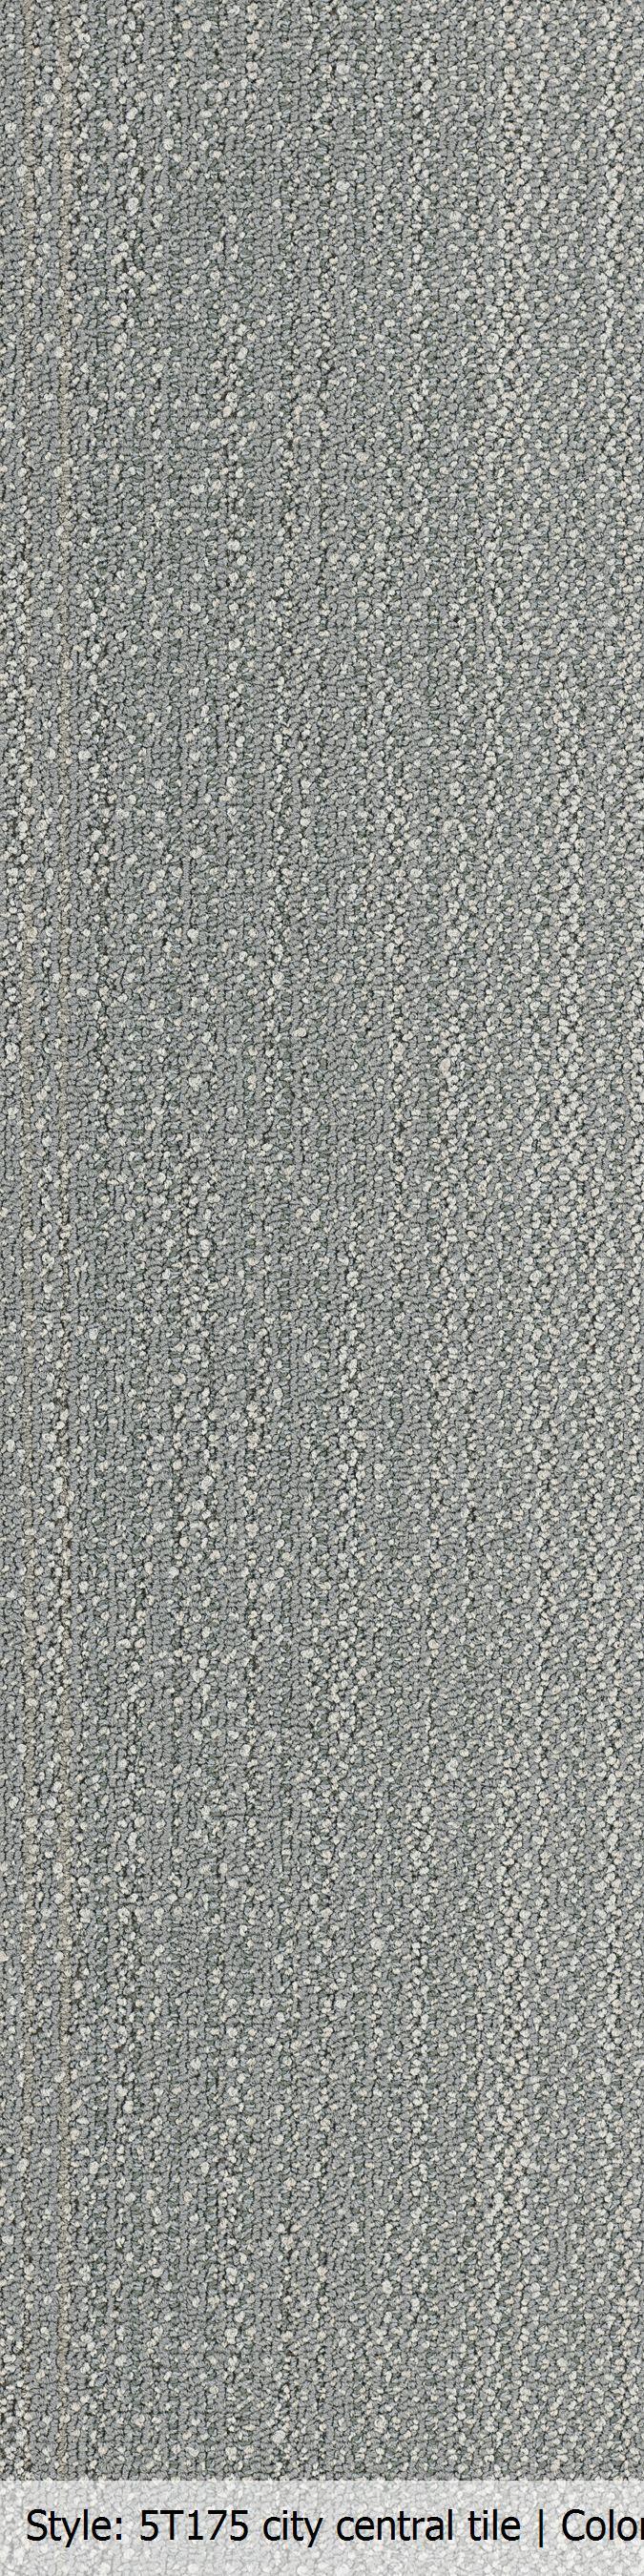 5T175_72535_MAIN.jpg